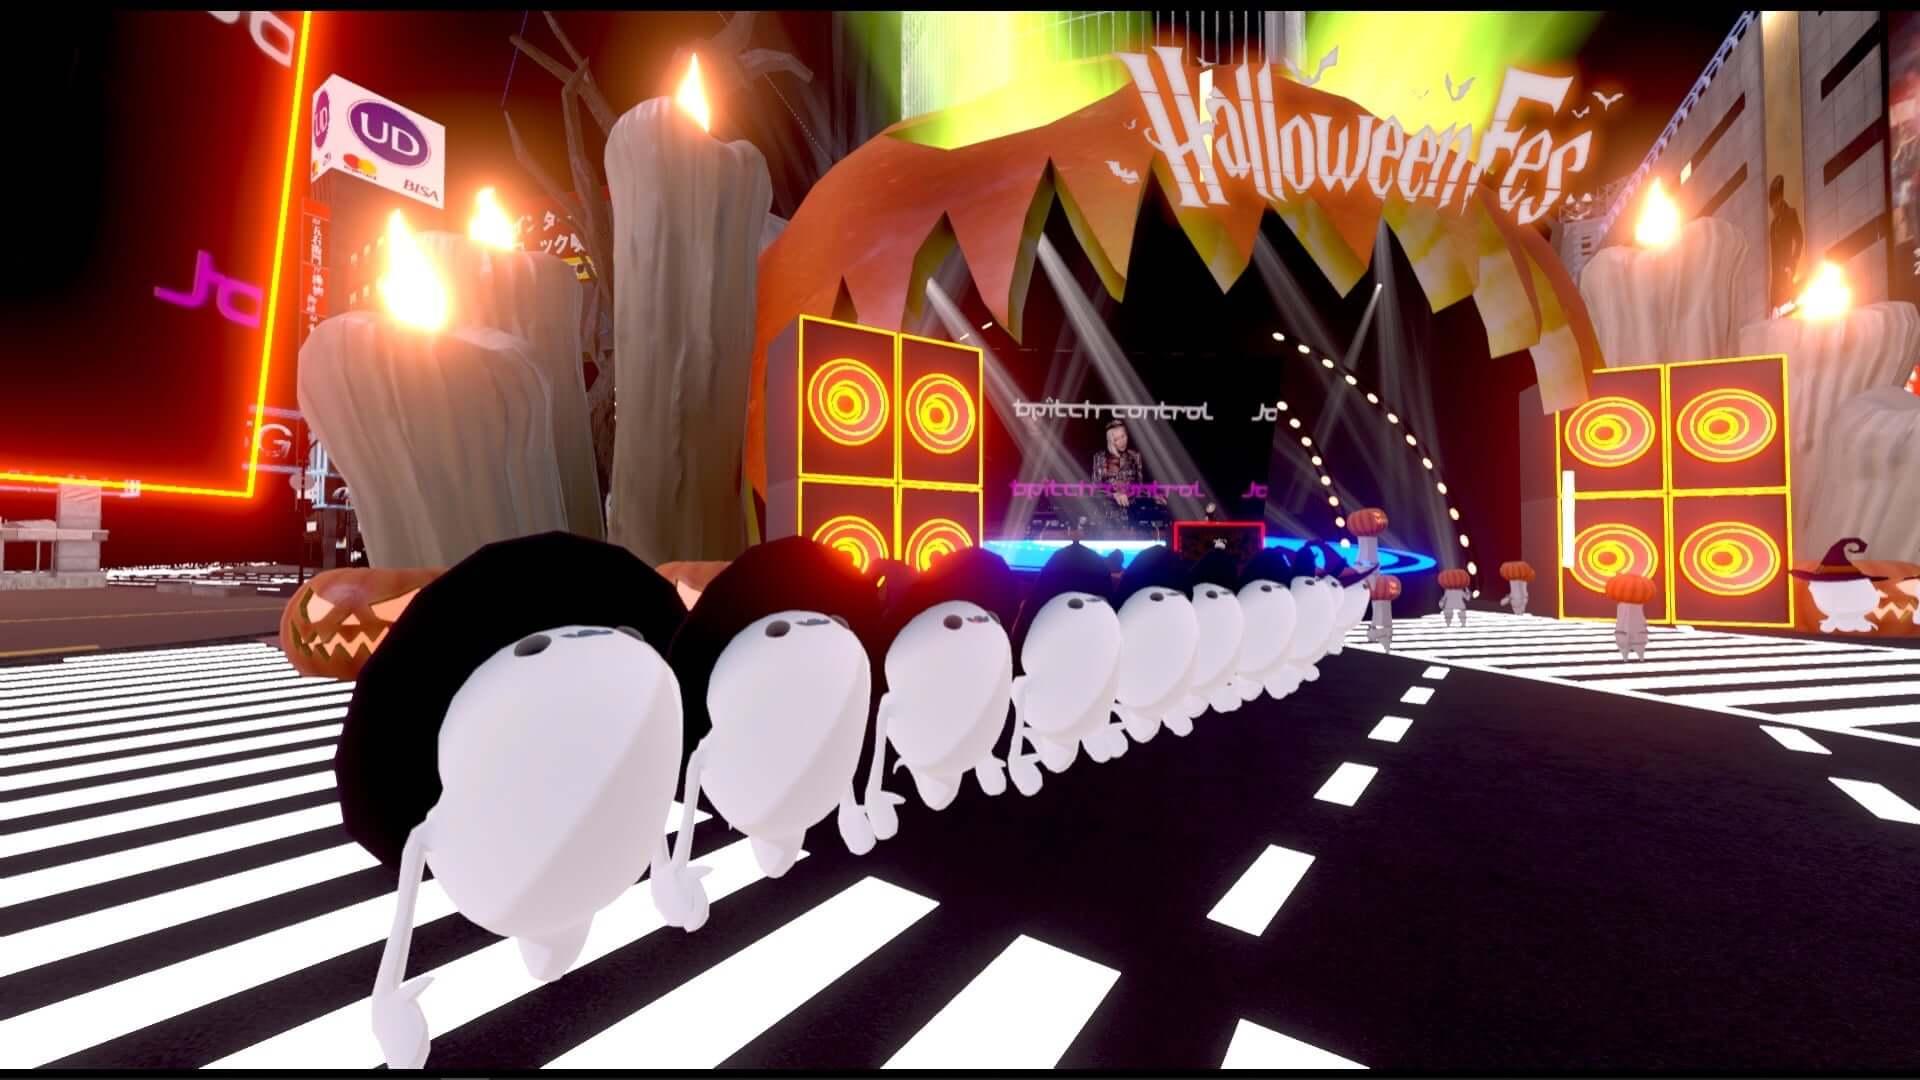 バーチャル渋谷にSUPER DOMMUNEが出現!Ellen Allien、KEN ISHIIらが出演した<DJ IN THE MIRROR WORLD>のレポートが到着 art201104_shibuya5g-halloweenfes_40-1920x1080